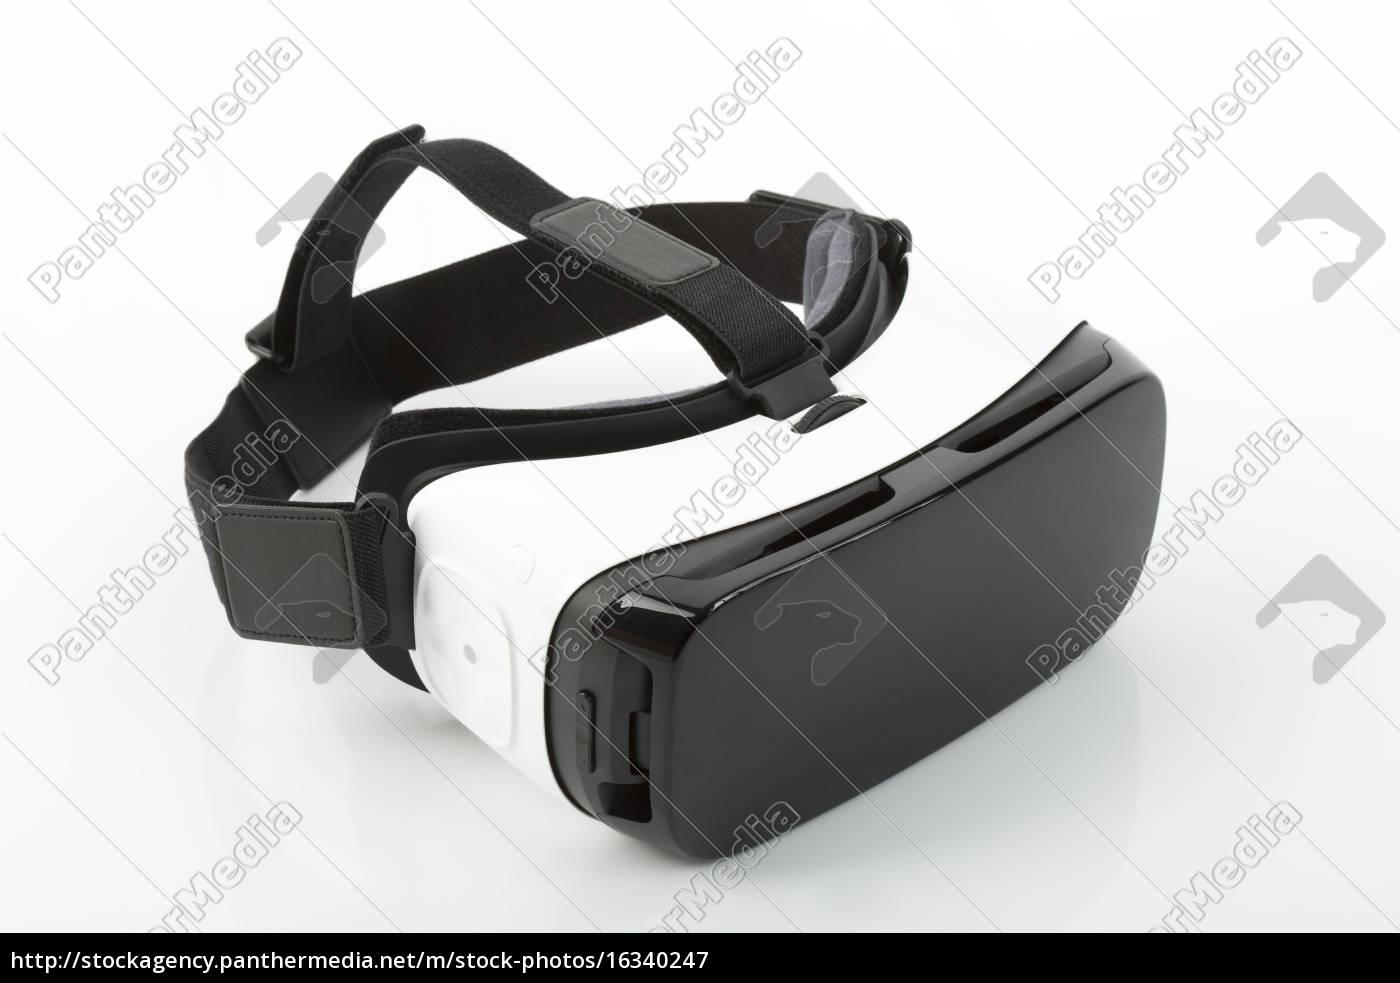 óculos, de, realidade, virtual - 16340247